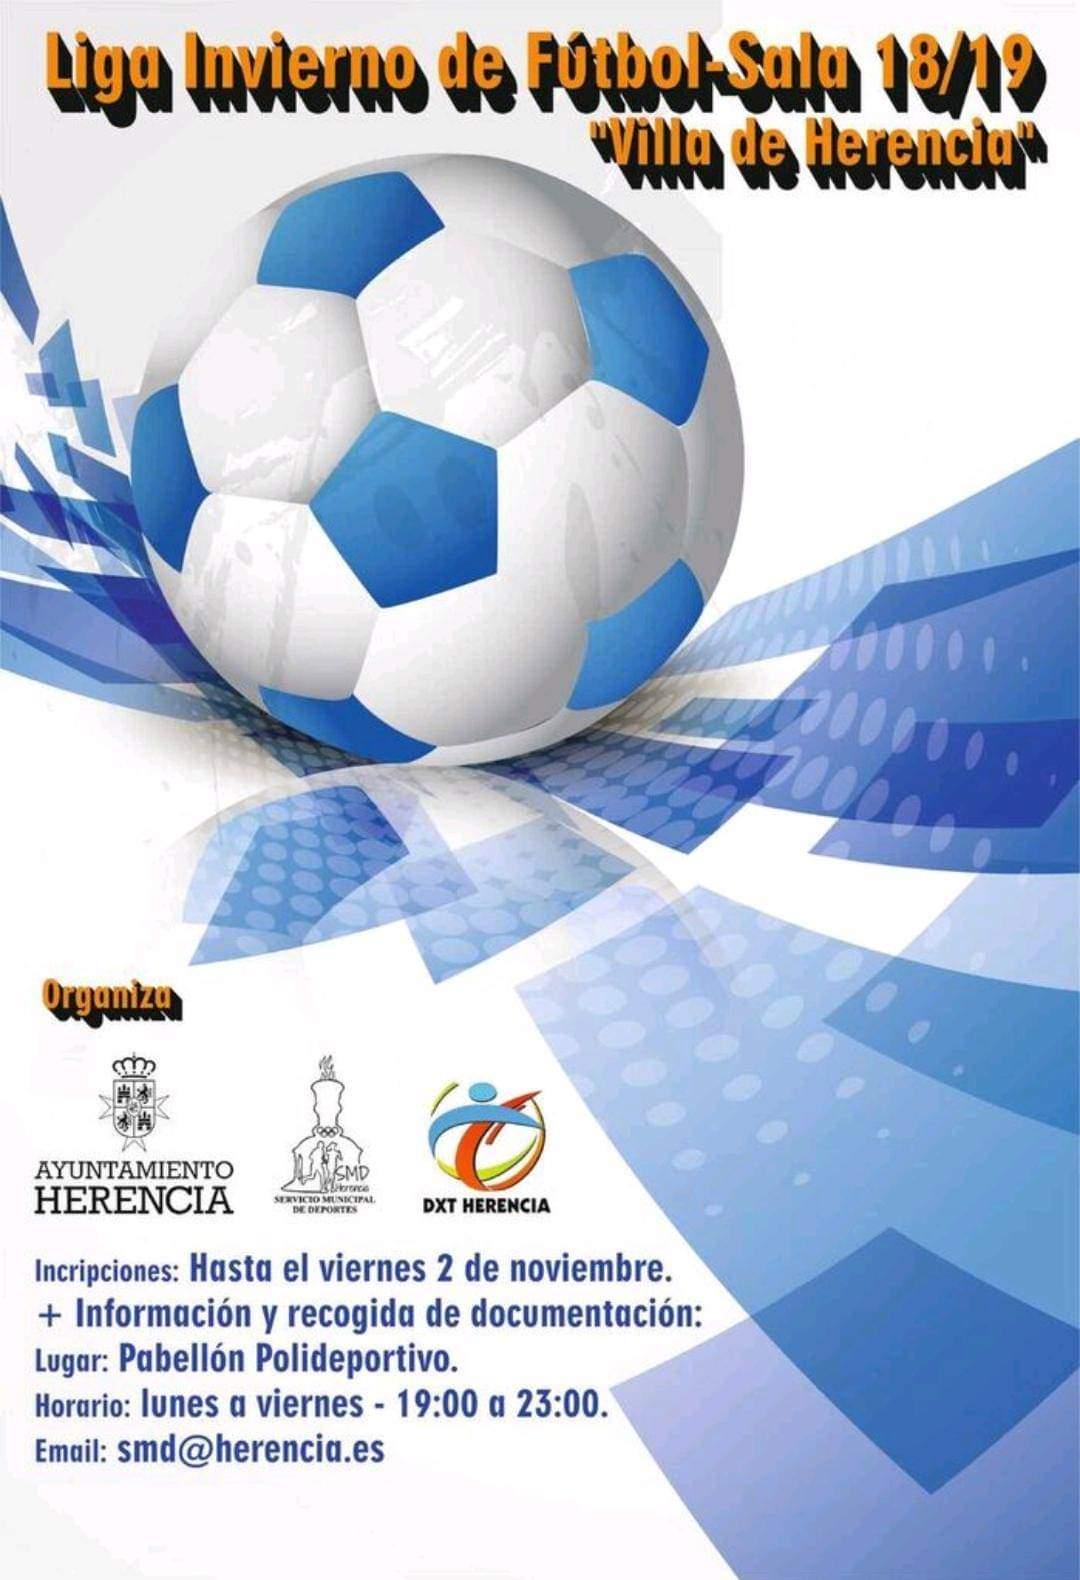 """liga invierno futbol sala herencia 2018 - Vuelve la Liga de Invierno de Fútbol Sala 2018-2019 """"Villa de Herencia"""""""